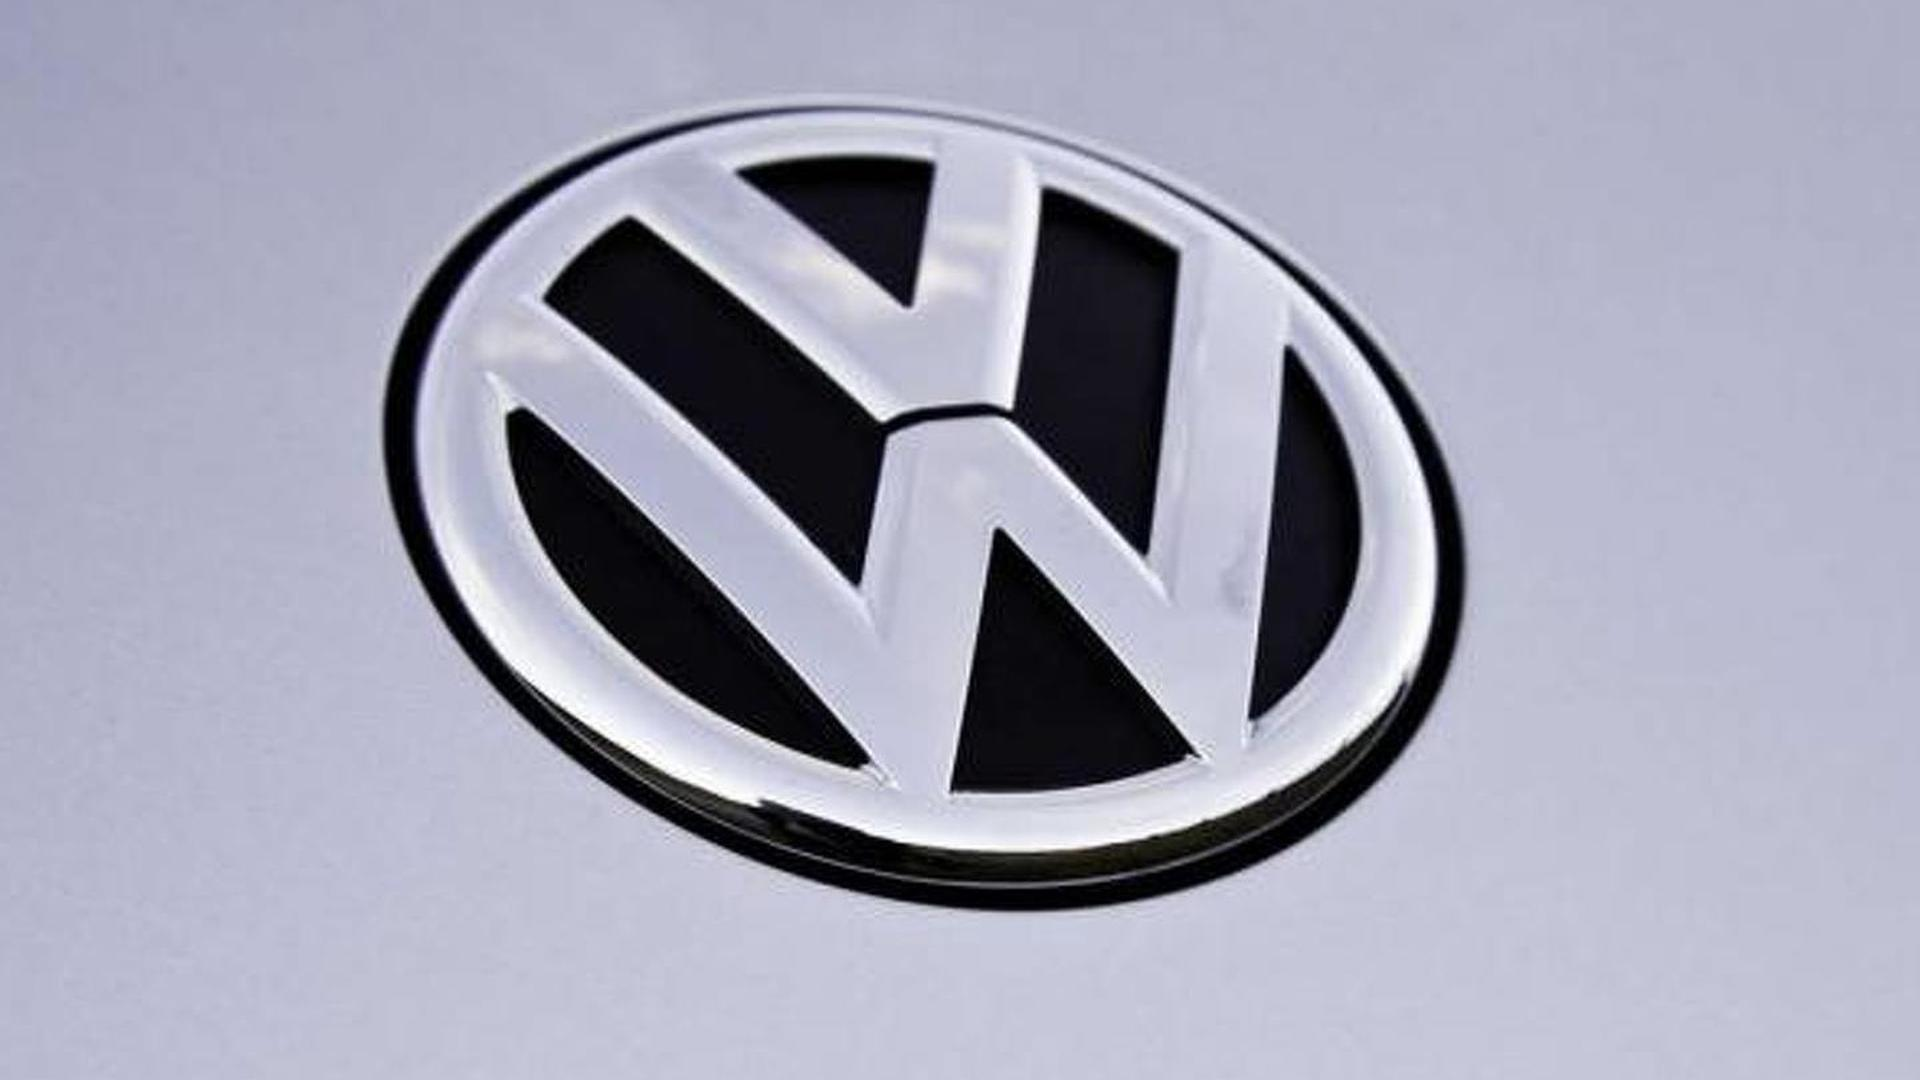 Volkswagen plays down F1 rumours